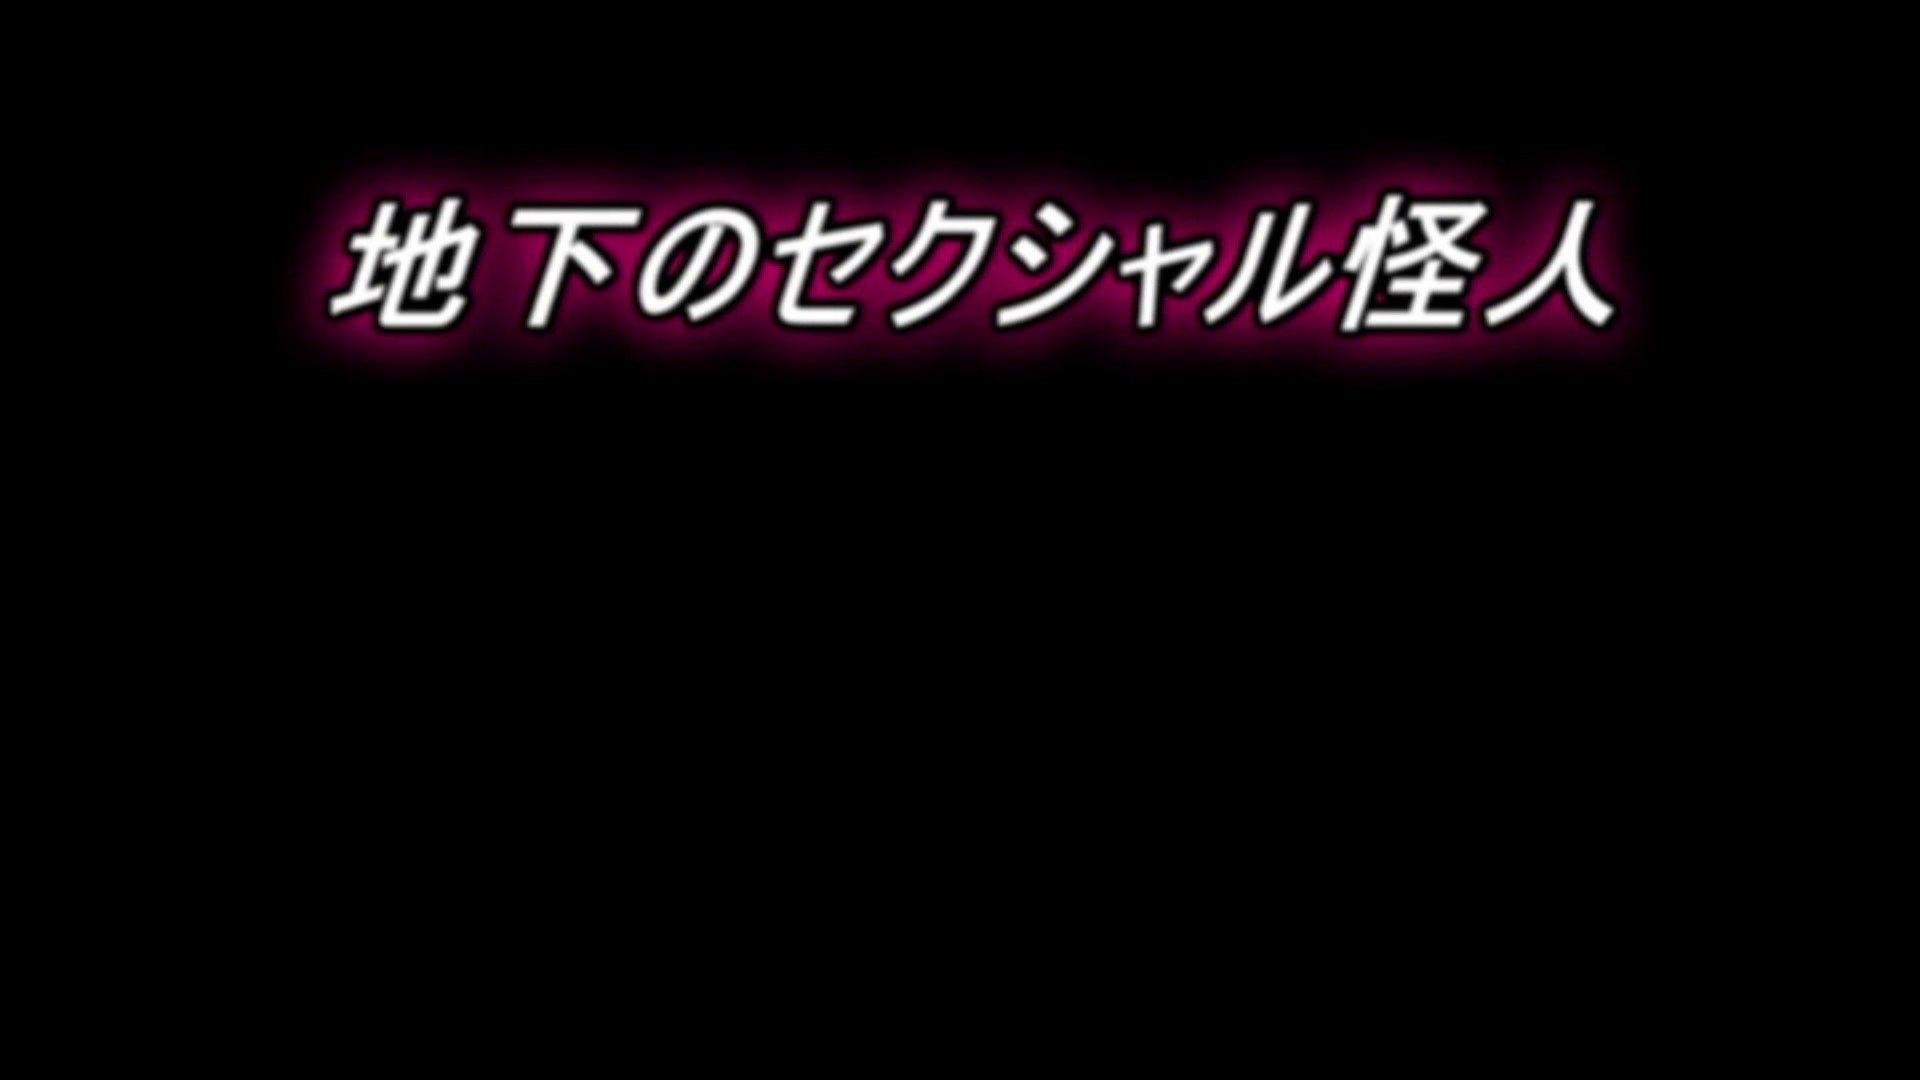 乱交!絡み合う男達! アナル責め ゲイエロ動画 103枚 4